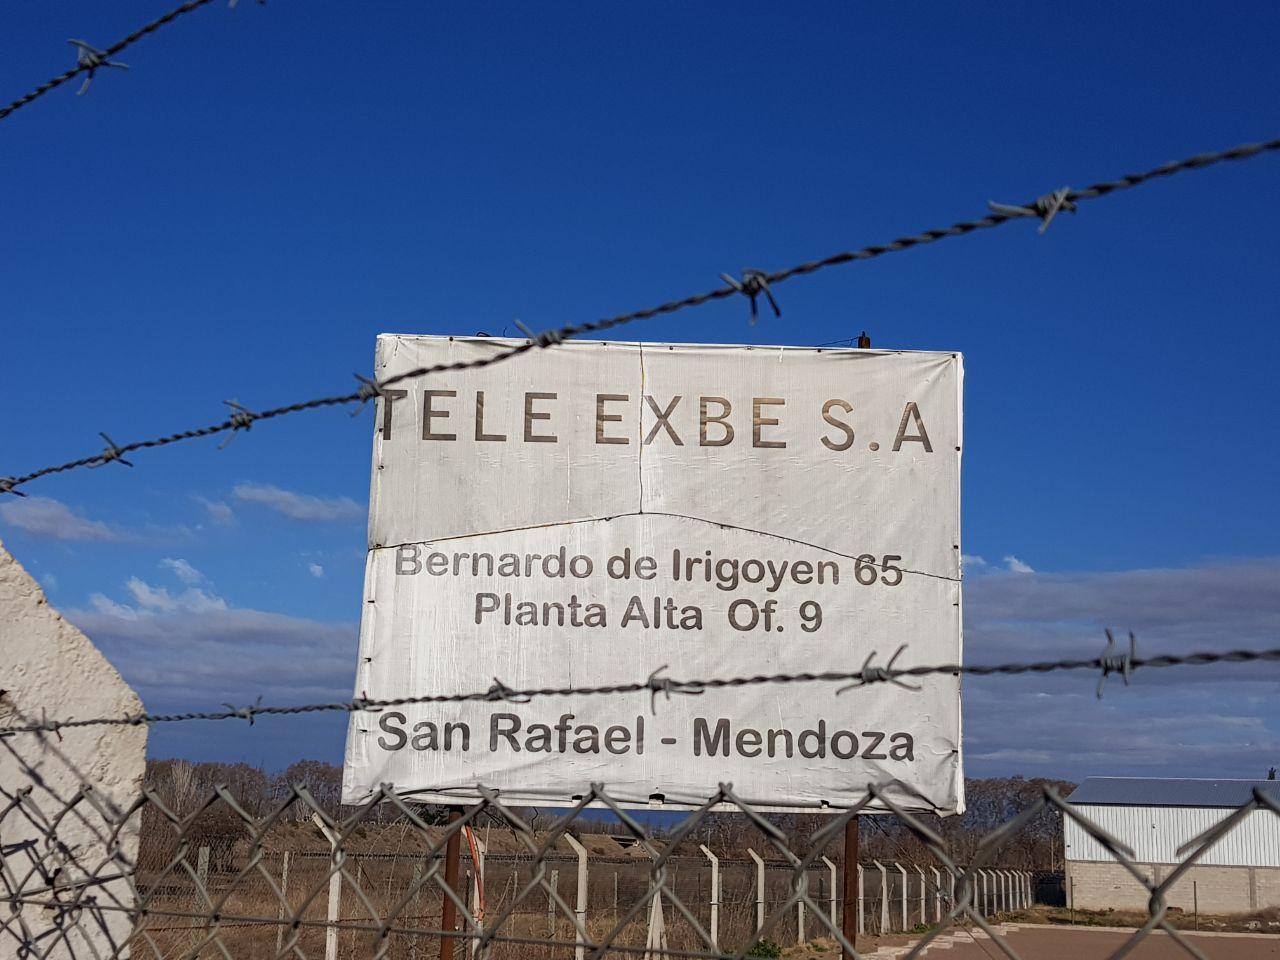 Lote de Tele Exbe en Luján de Cuyo, allanado esta tarde.